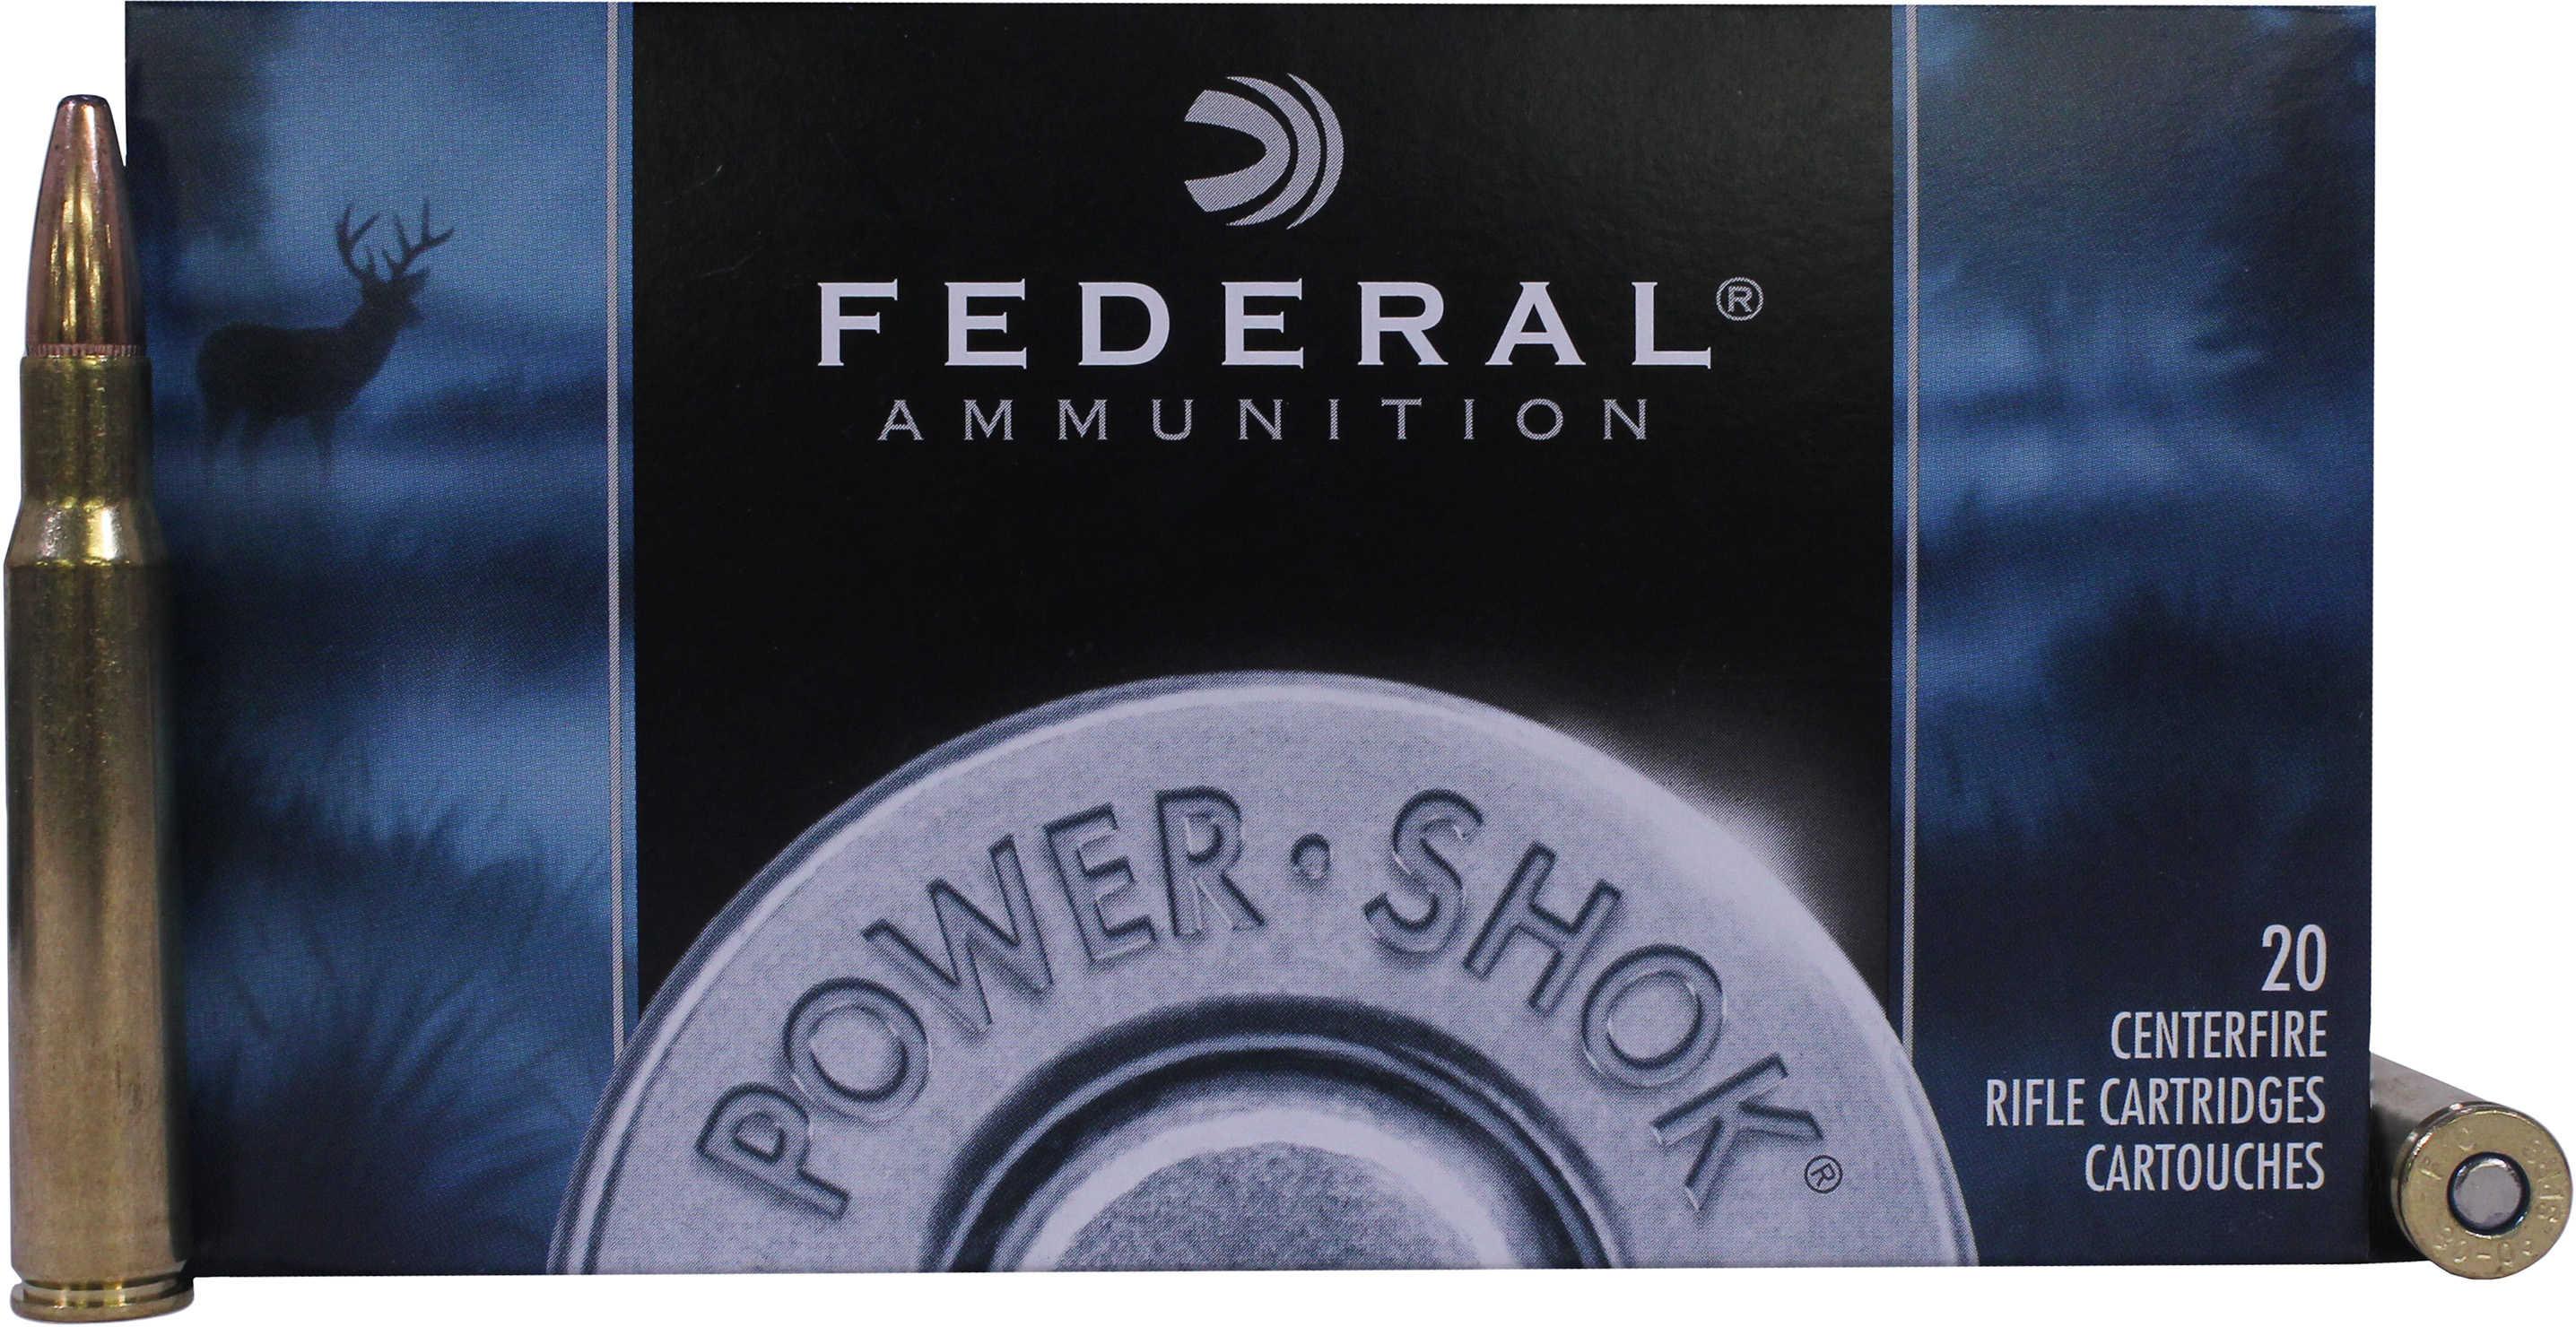 Federal Cartridge 30-06 Springfield 180grain, Power Shok Soft Point, (Per 20) 3006B